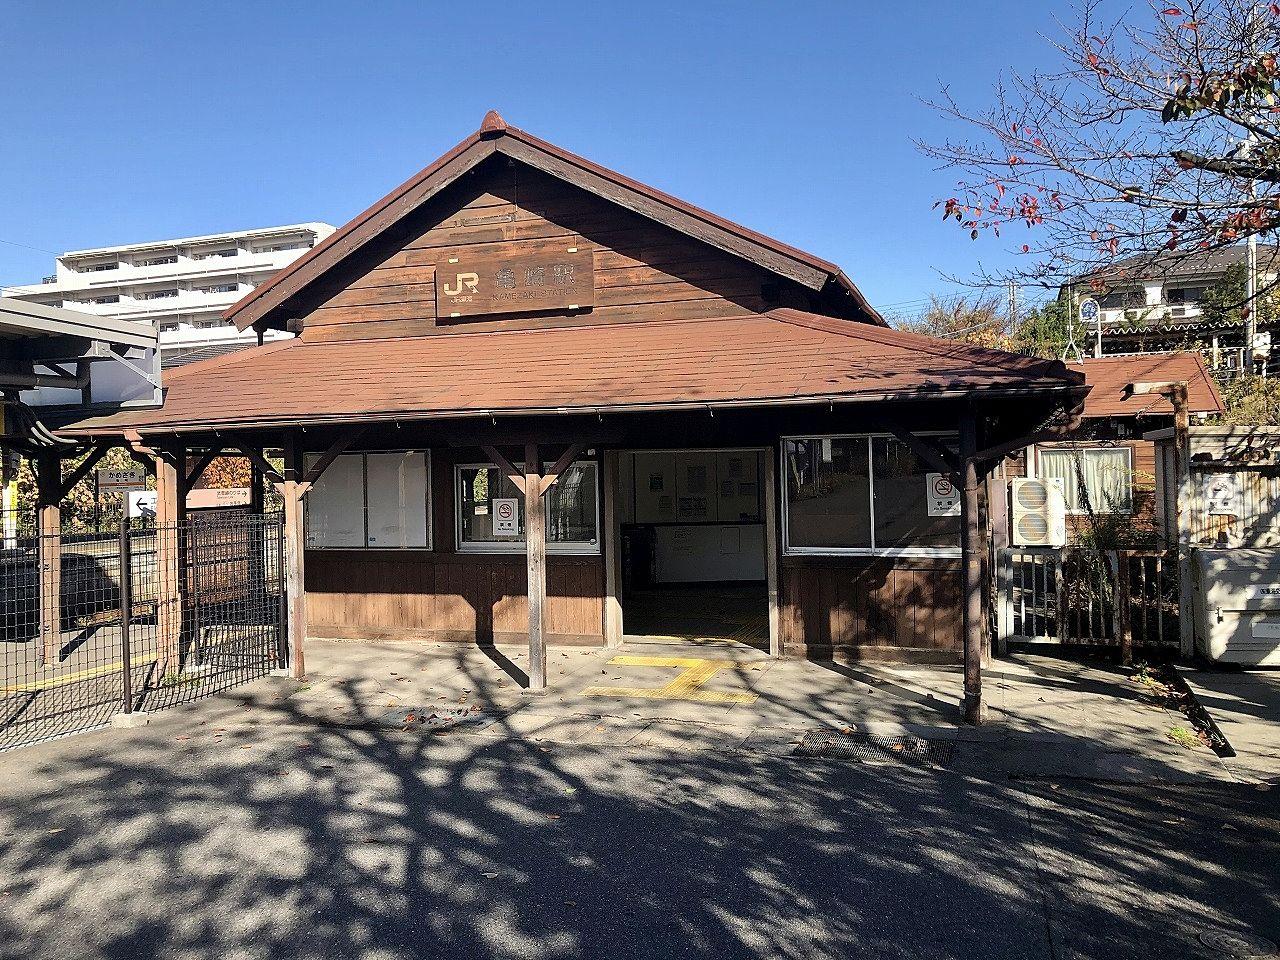 亀崎駅は、1886年に設立された愛知県初の歴史ある鉄道・武豊線において、同年に開業し、2020年現在の時点で127年の歴史を持つ駅のひとつです。